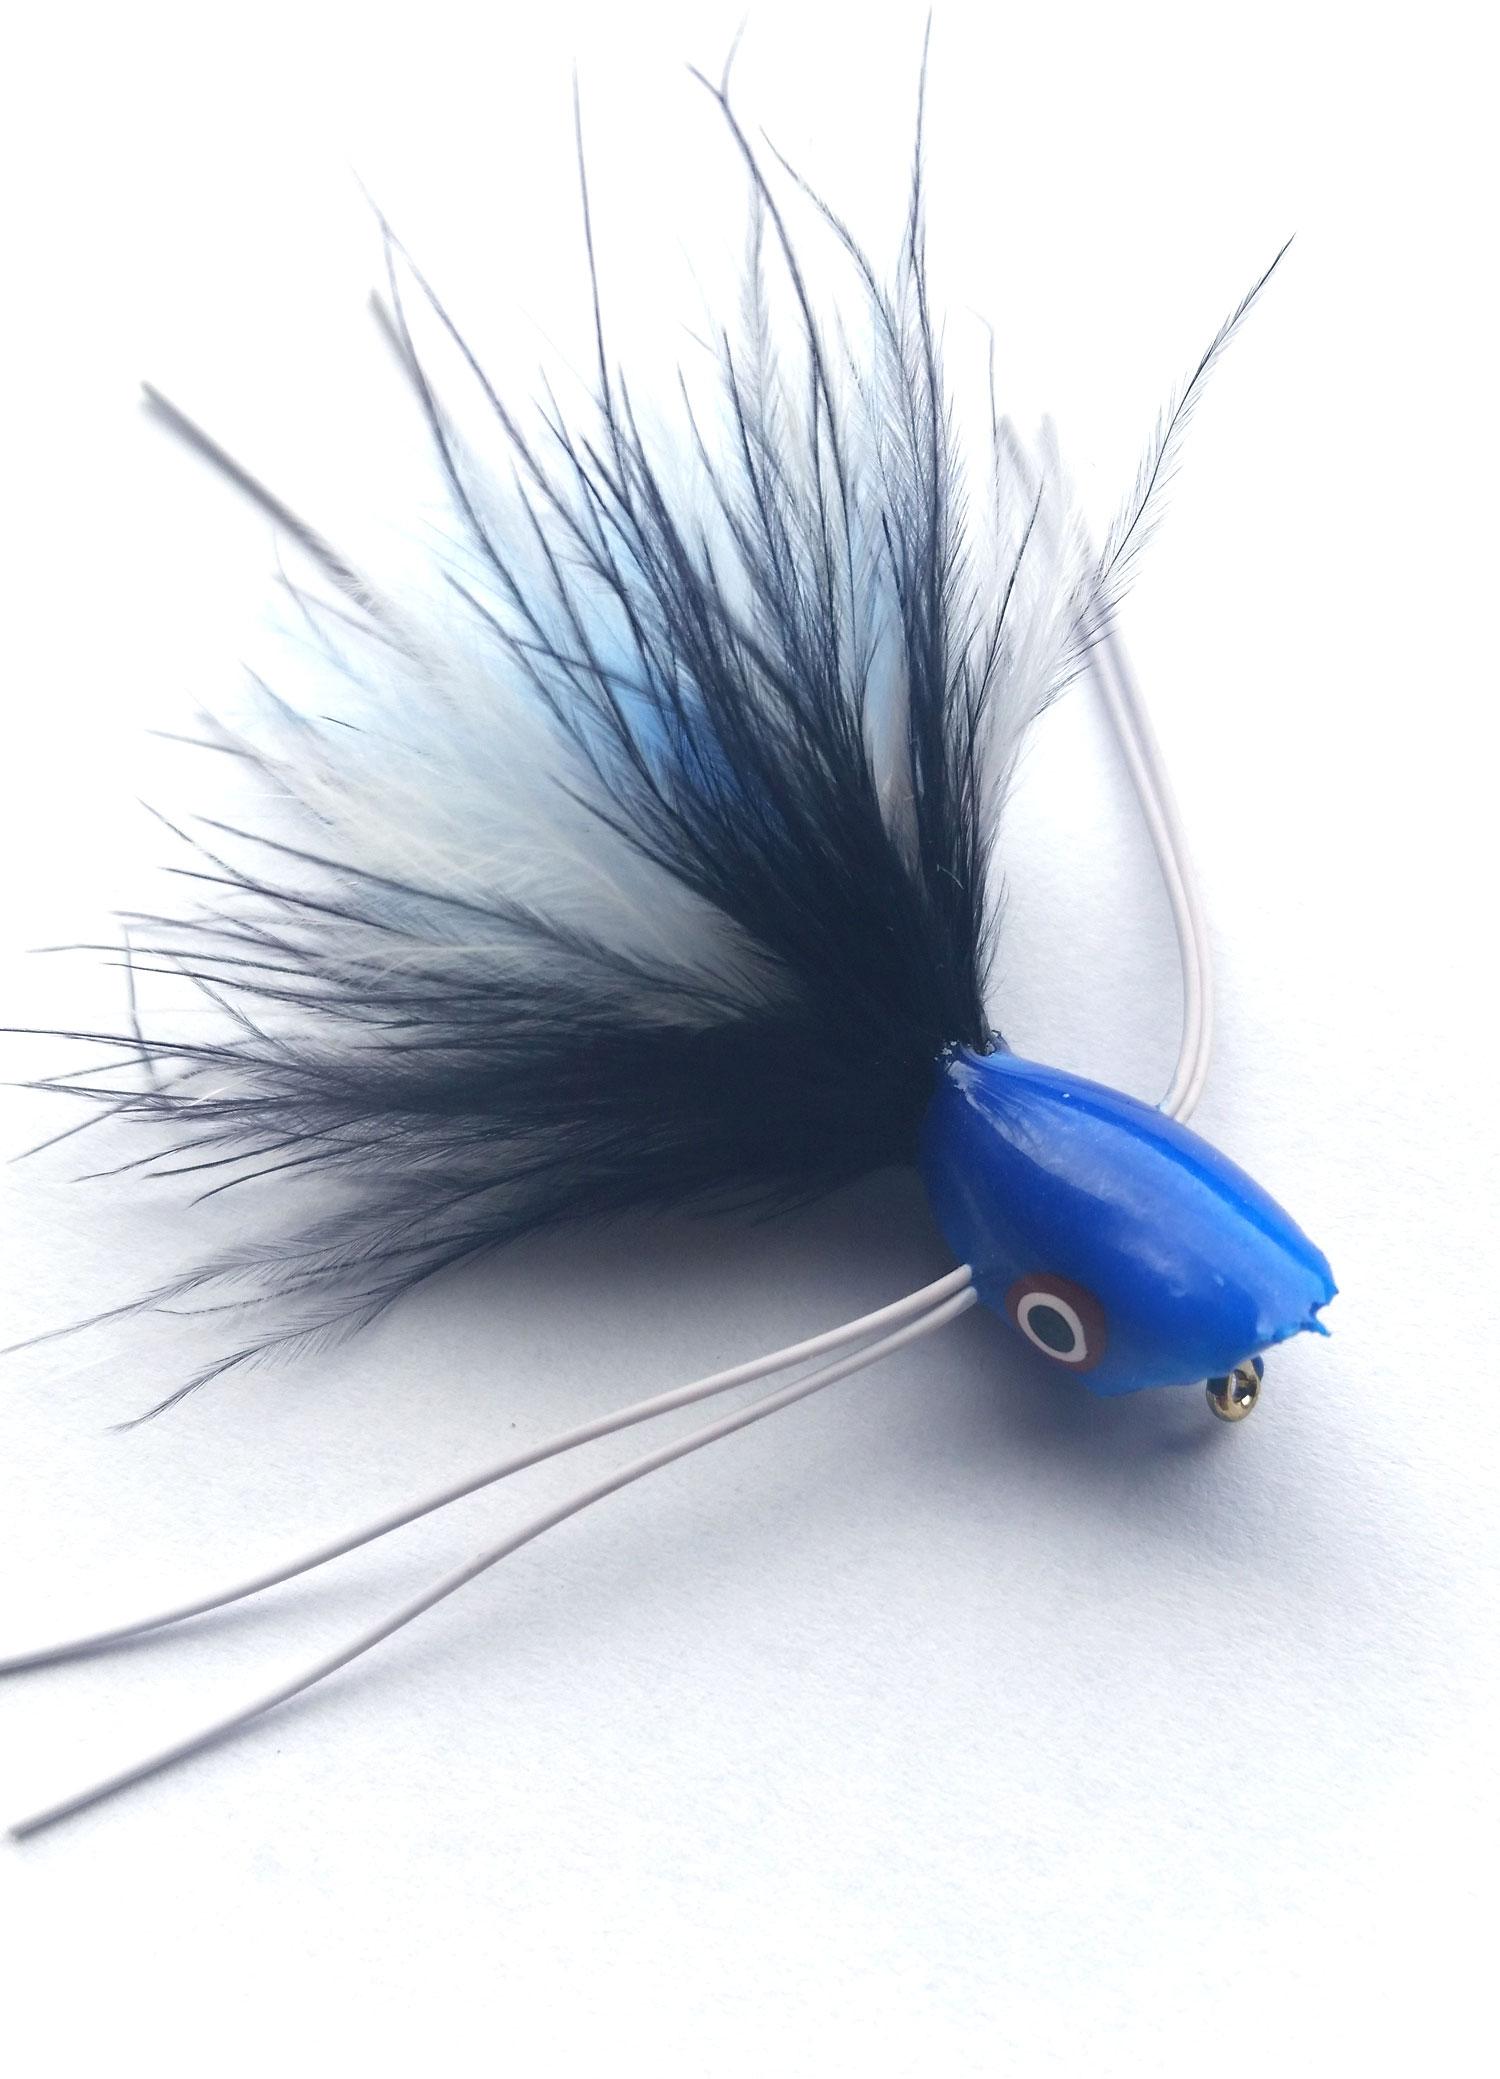 blue-bug-katfly-teaser.jpg